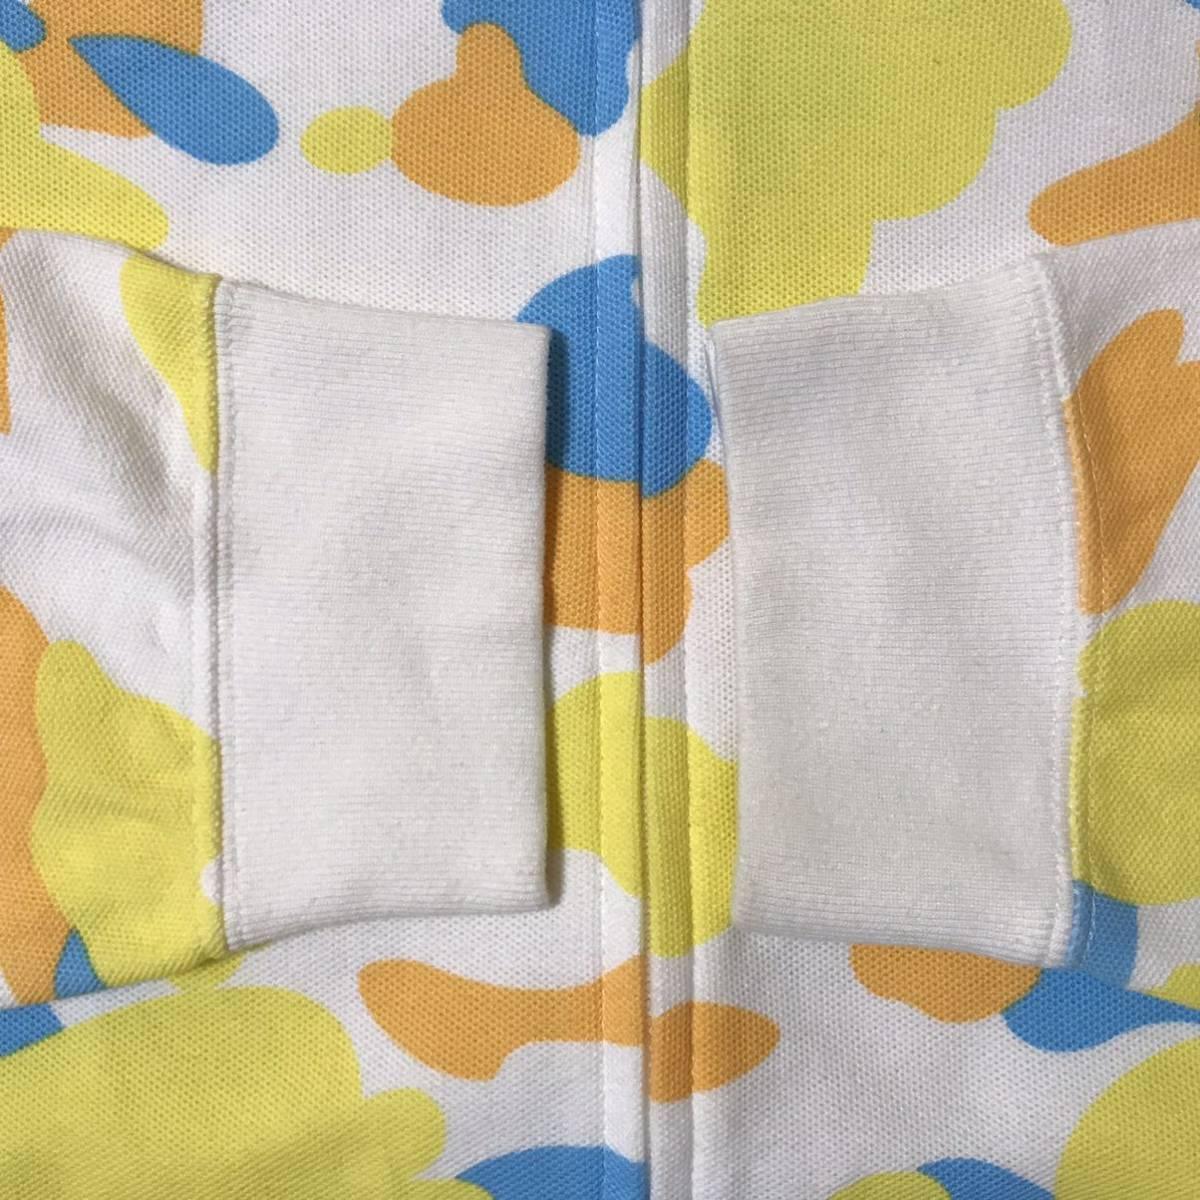 ★札幌限定★ sapporo color camo パーカー Mサイズ a bathing ape bape hoodie ベイプ アベイシングエイプ エイプ 都市限定 迷彩 nigo